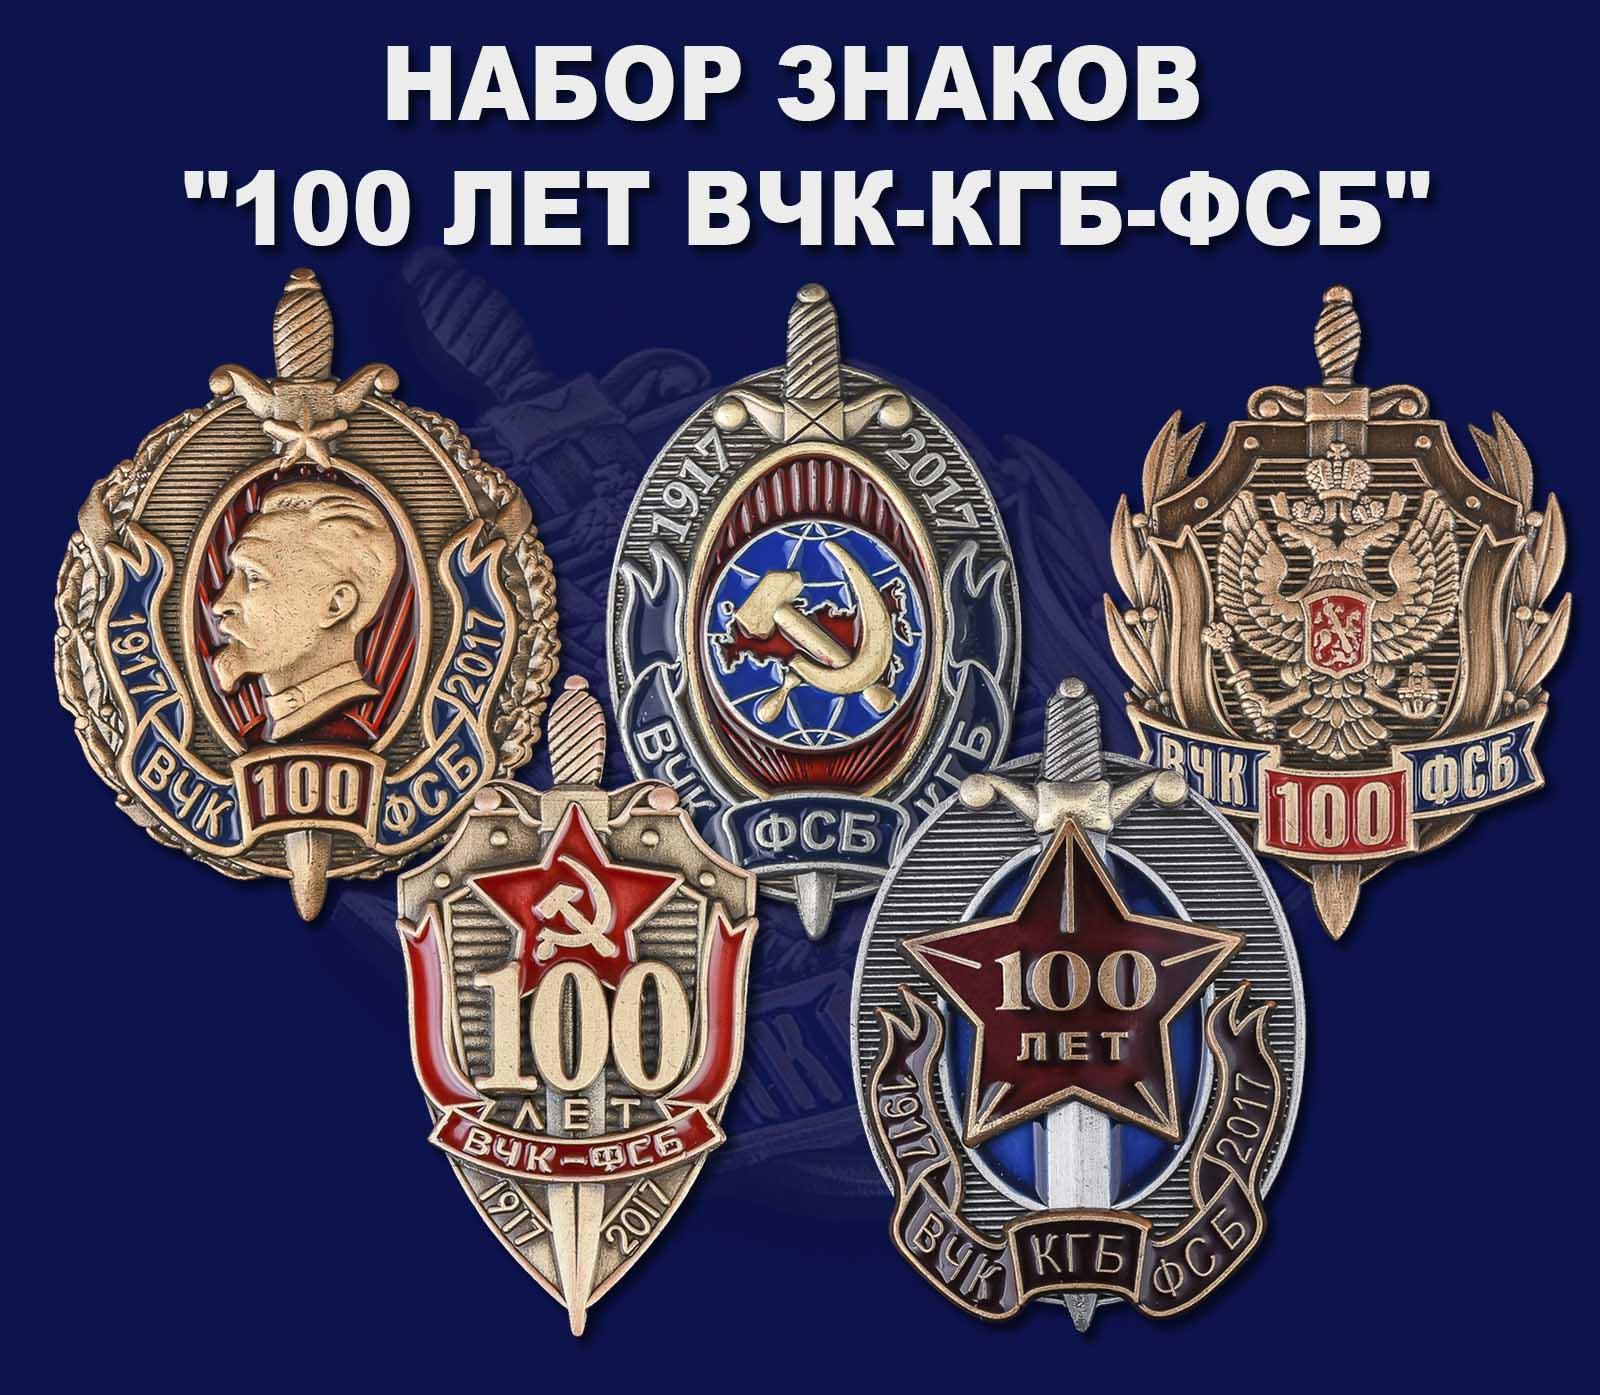 """Набор знаков """"100 лет ВЧК-КГБ-ФСБ"""""""